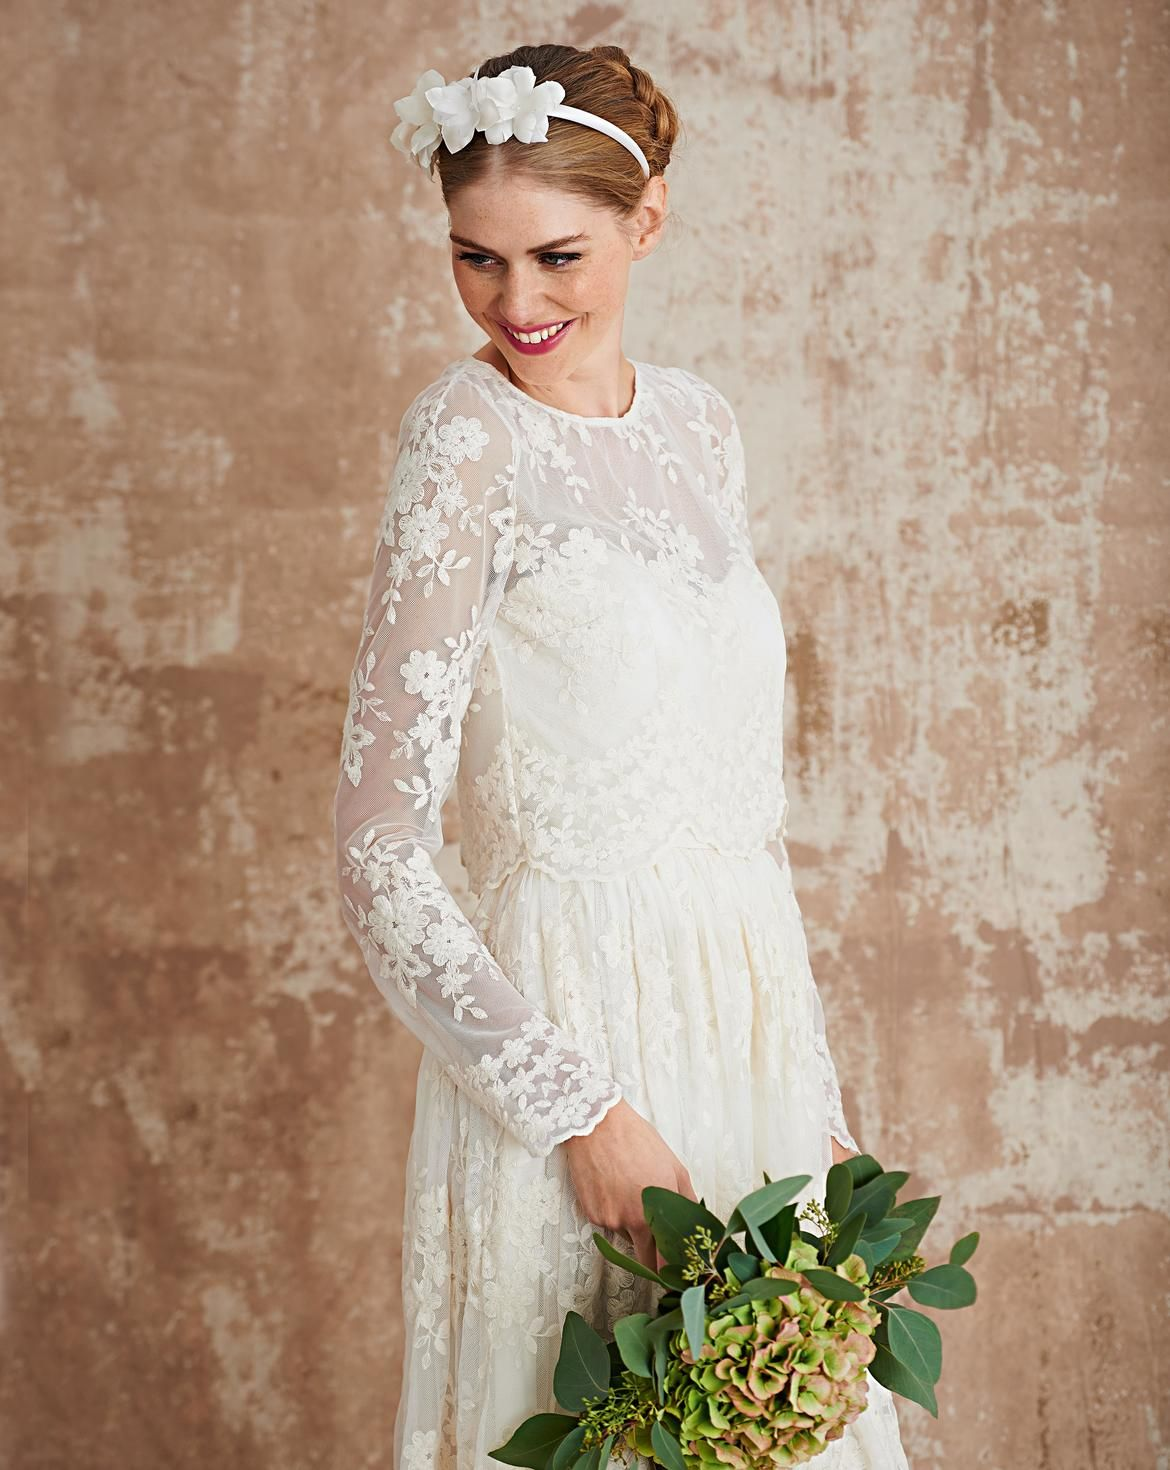 Niedlich Brautkleider Ny Fotos - Hochzeitskleid Ideen - fashioncad.info